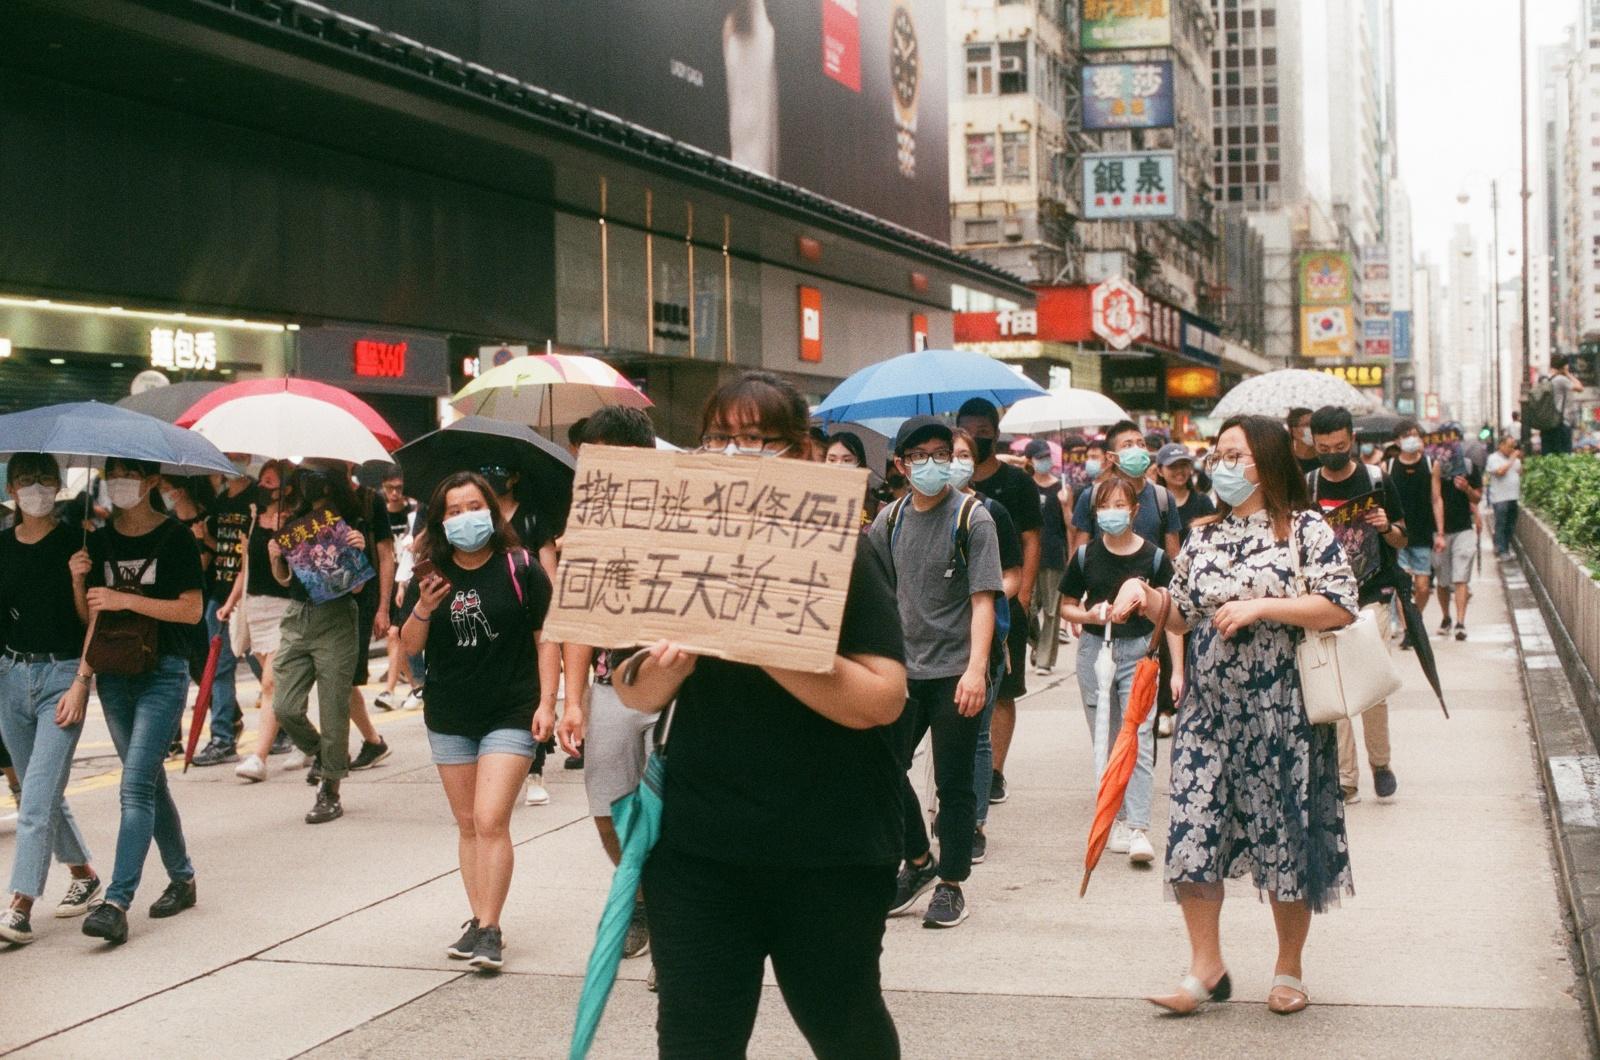 """Honkonge tebesitęsiant protestams, LGBT paradą leista rengti """"viešojo susitikimo"""" forma"""